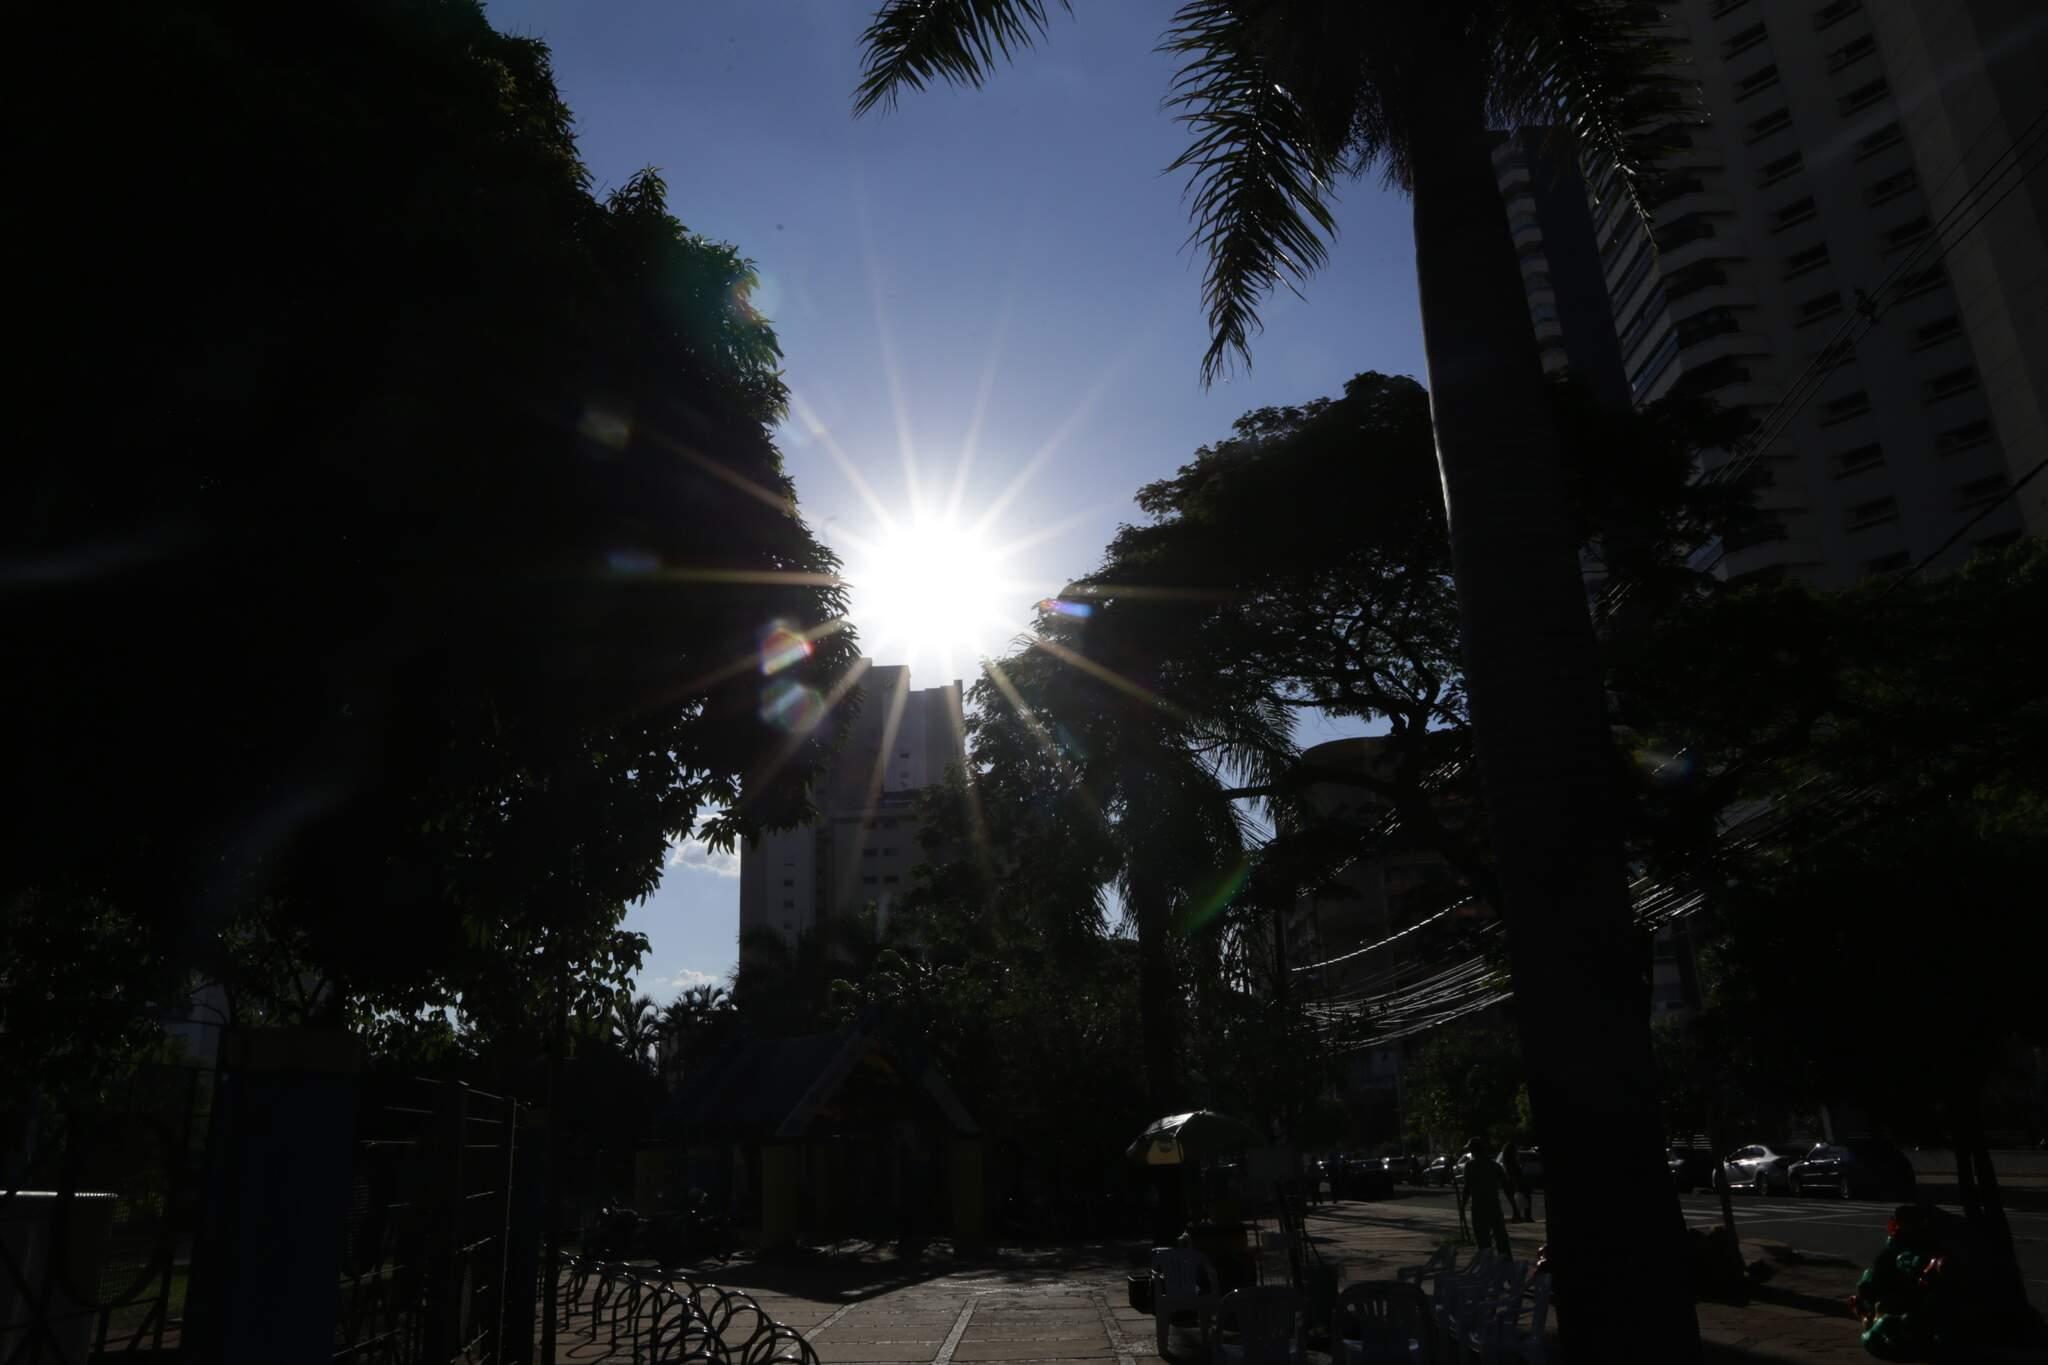 Previsão é de temperaturas máximas acima dos 32 graus, nos dias mais quentes (Foto: Kísie Ainoã)